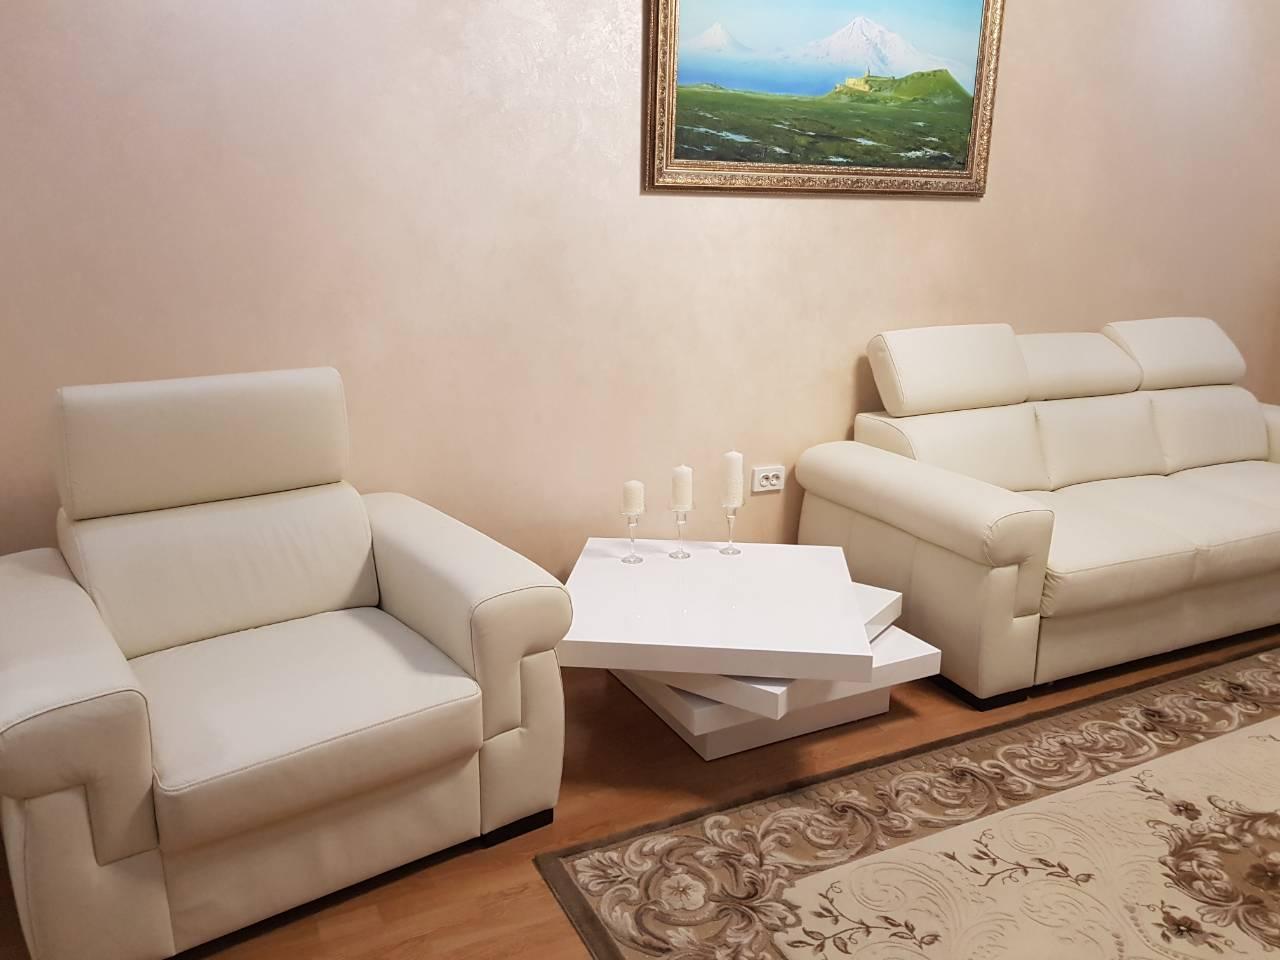 Фото Комплект кожаной мебели диван и два кресла  3